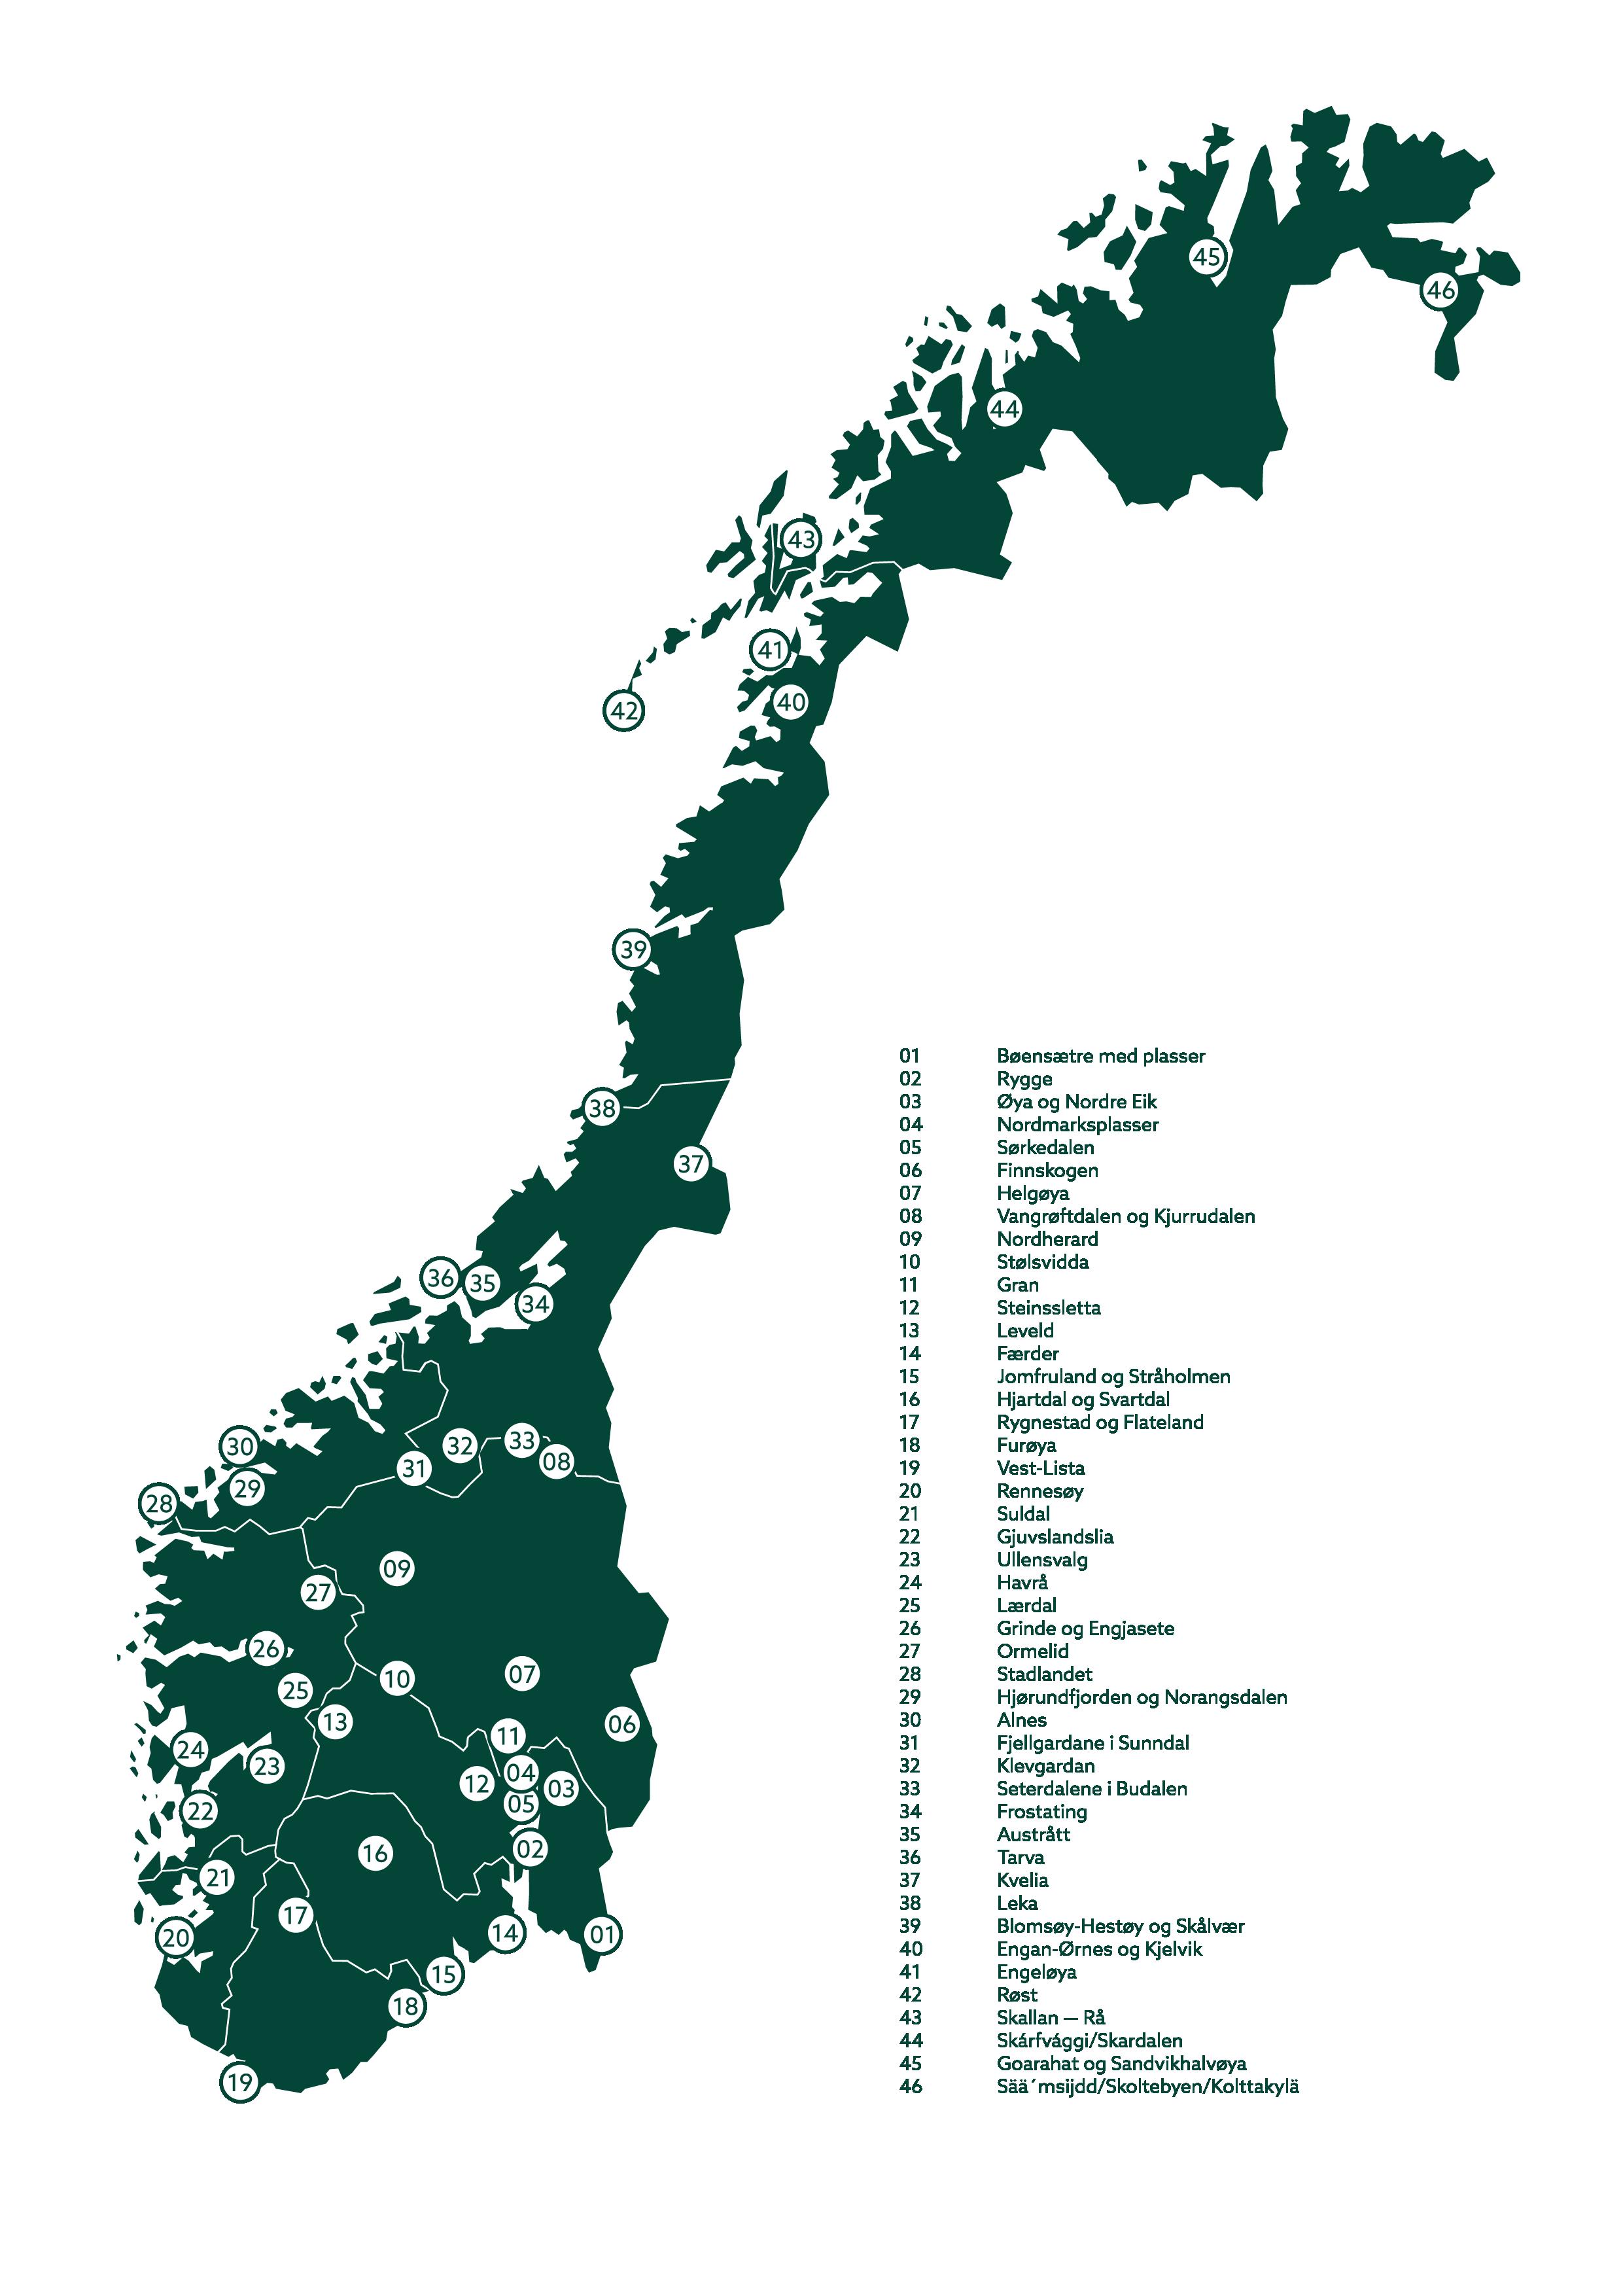 illustrasjonsbilde som viser alle de 45 landsakpene i utvalgte kulturlandskap